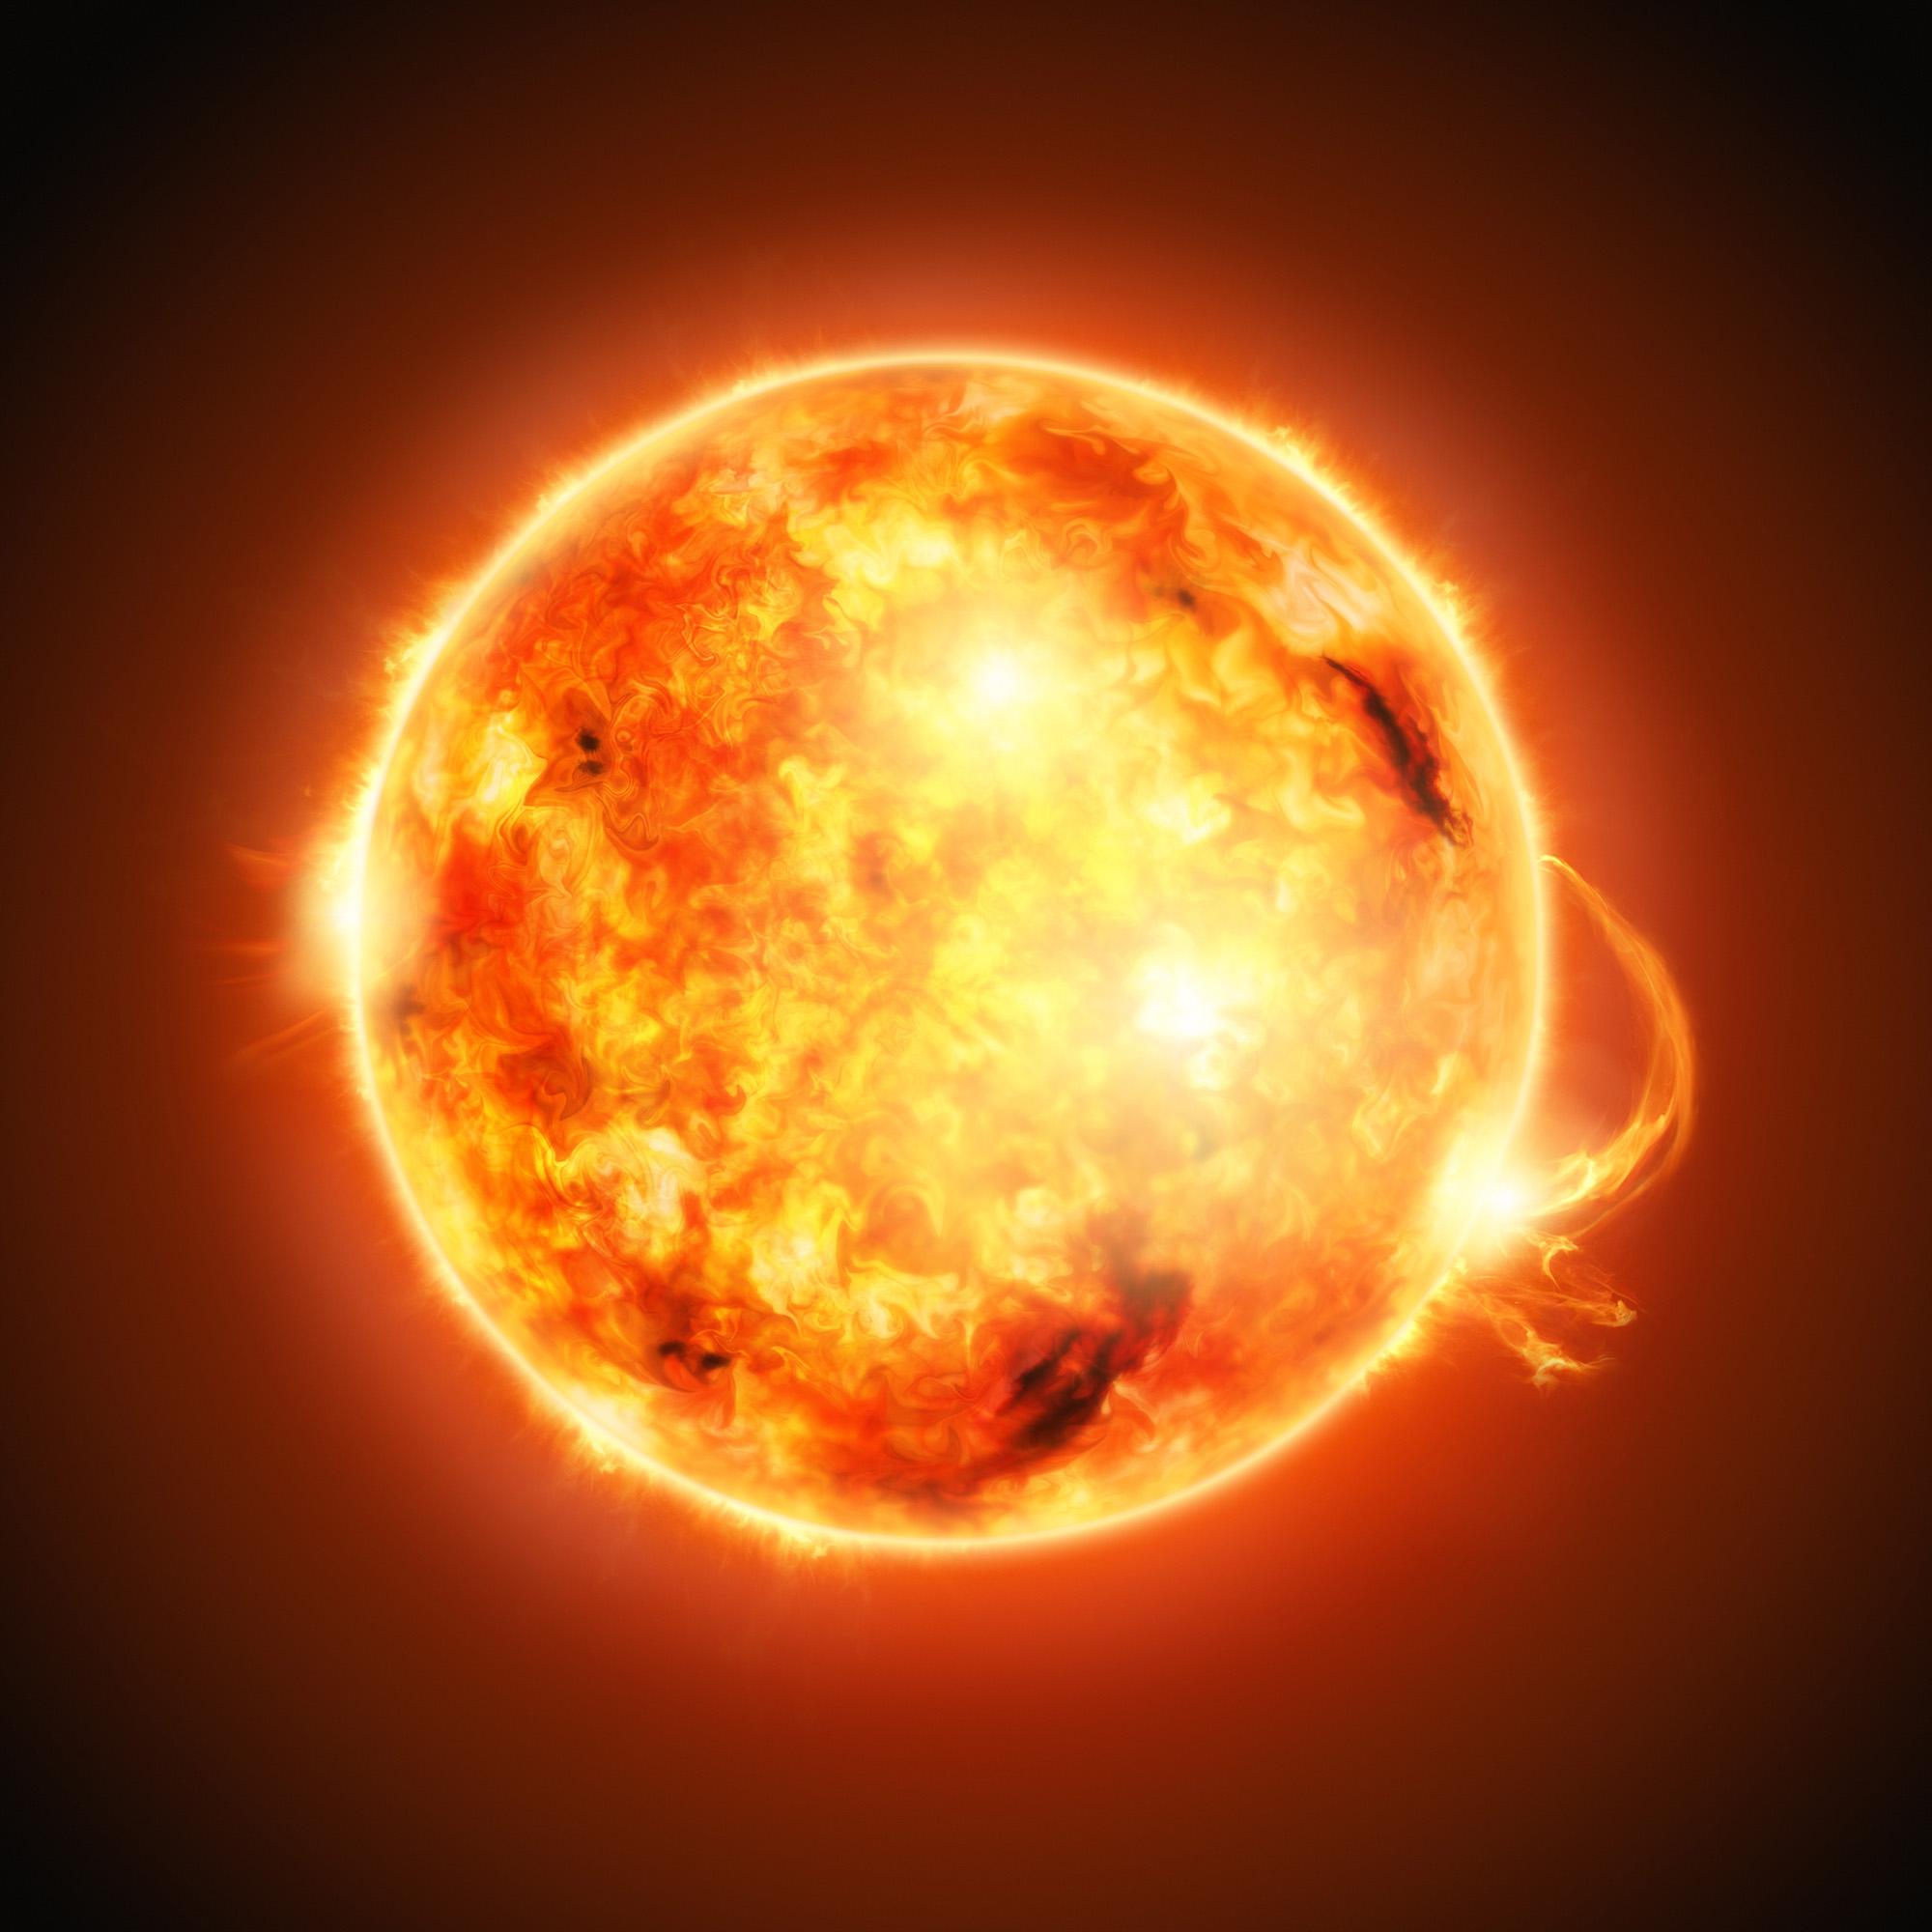 The Sun-72 ppi